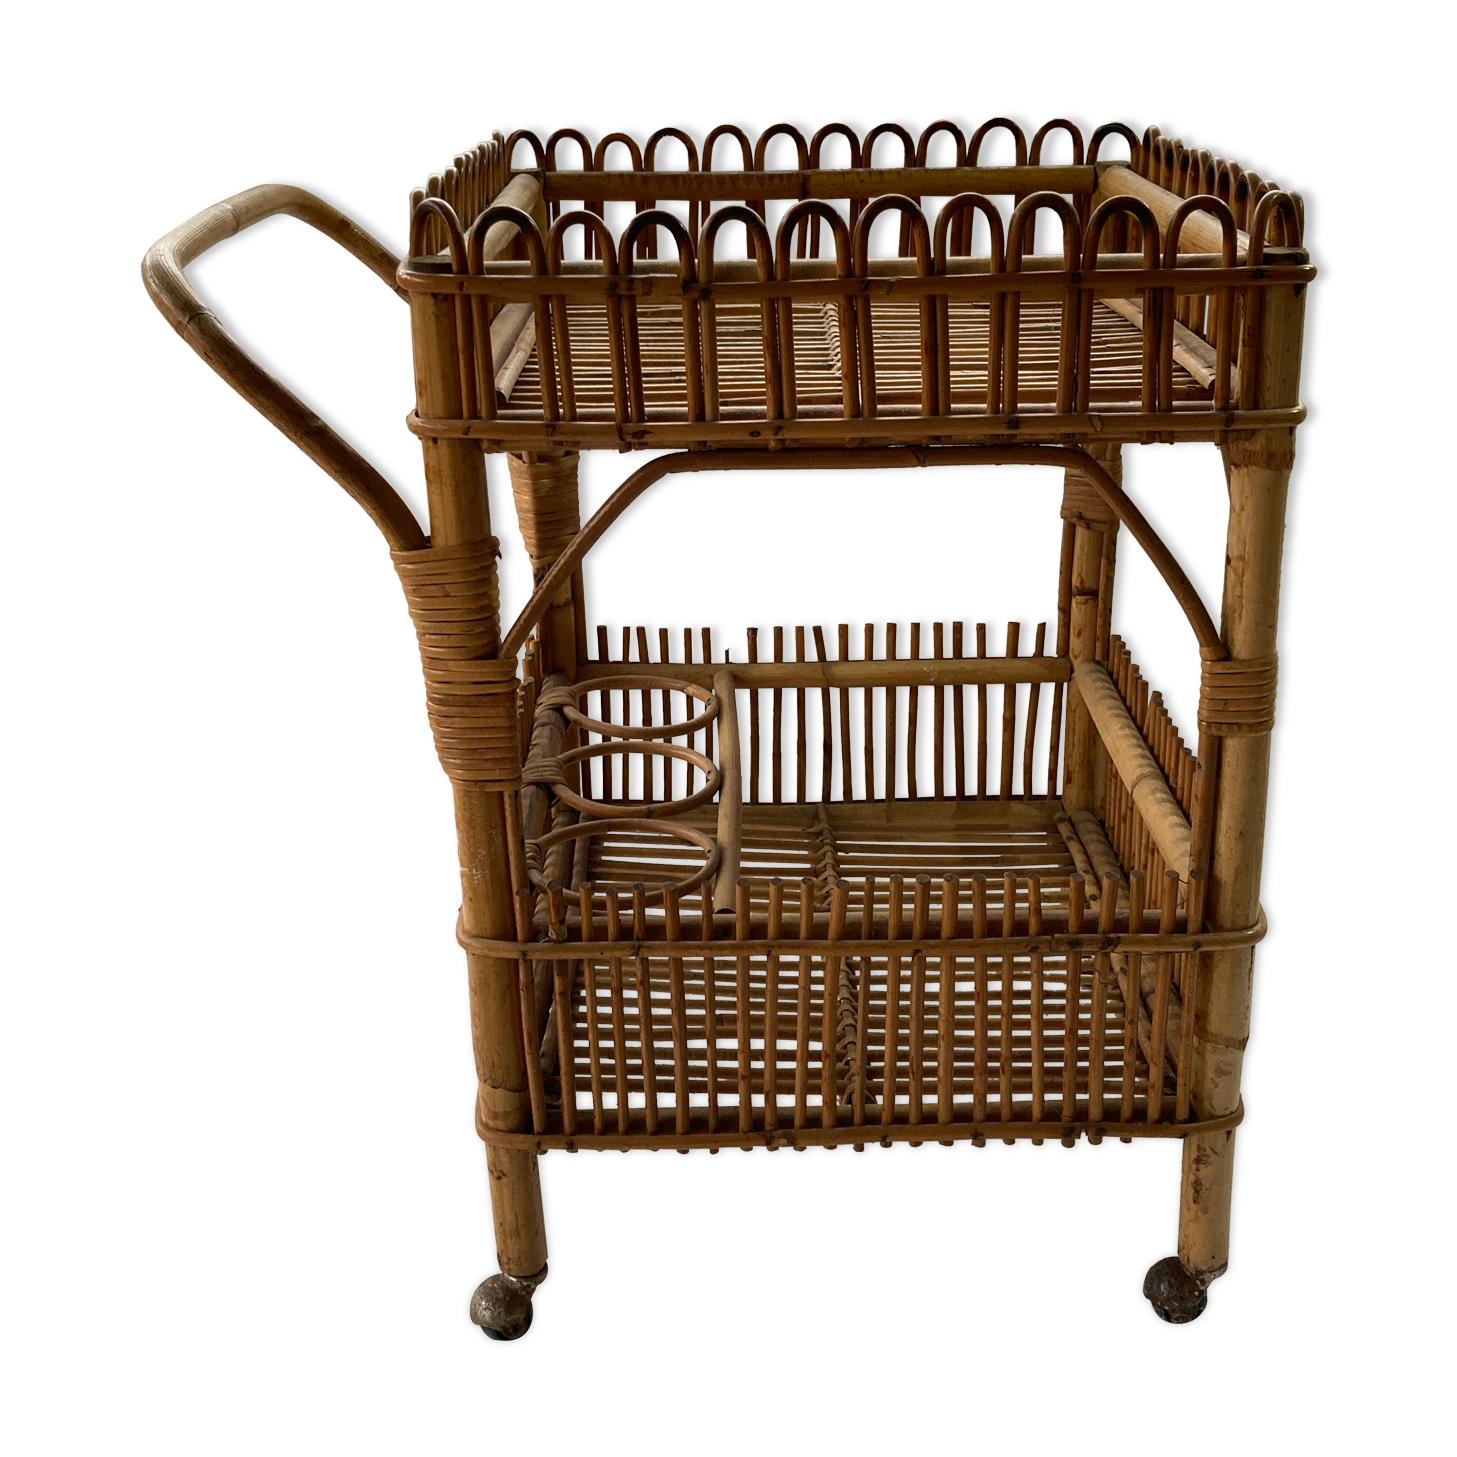 Chariot de bar en bambou des années 1950 - 1960